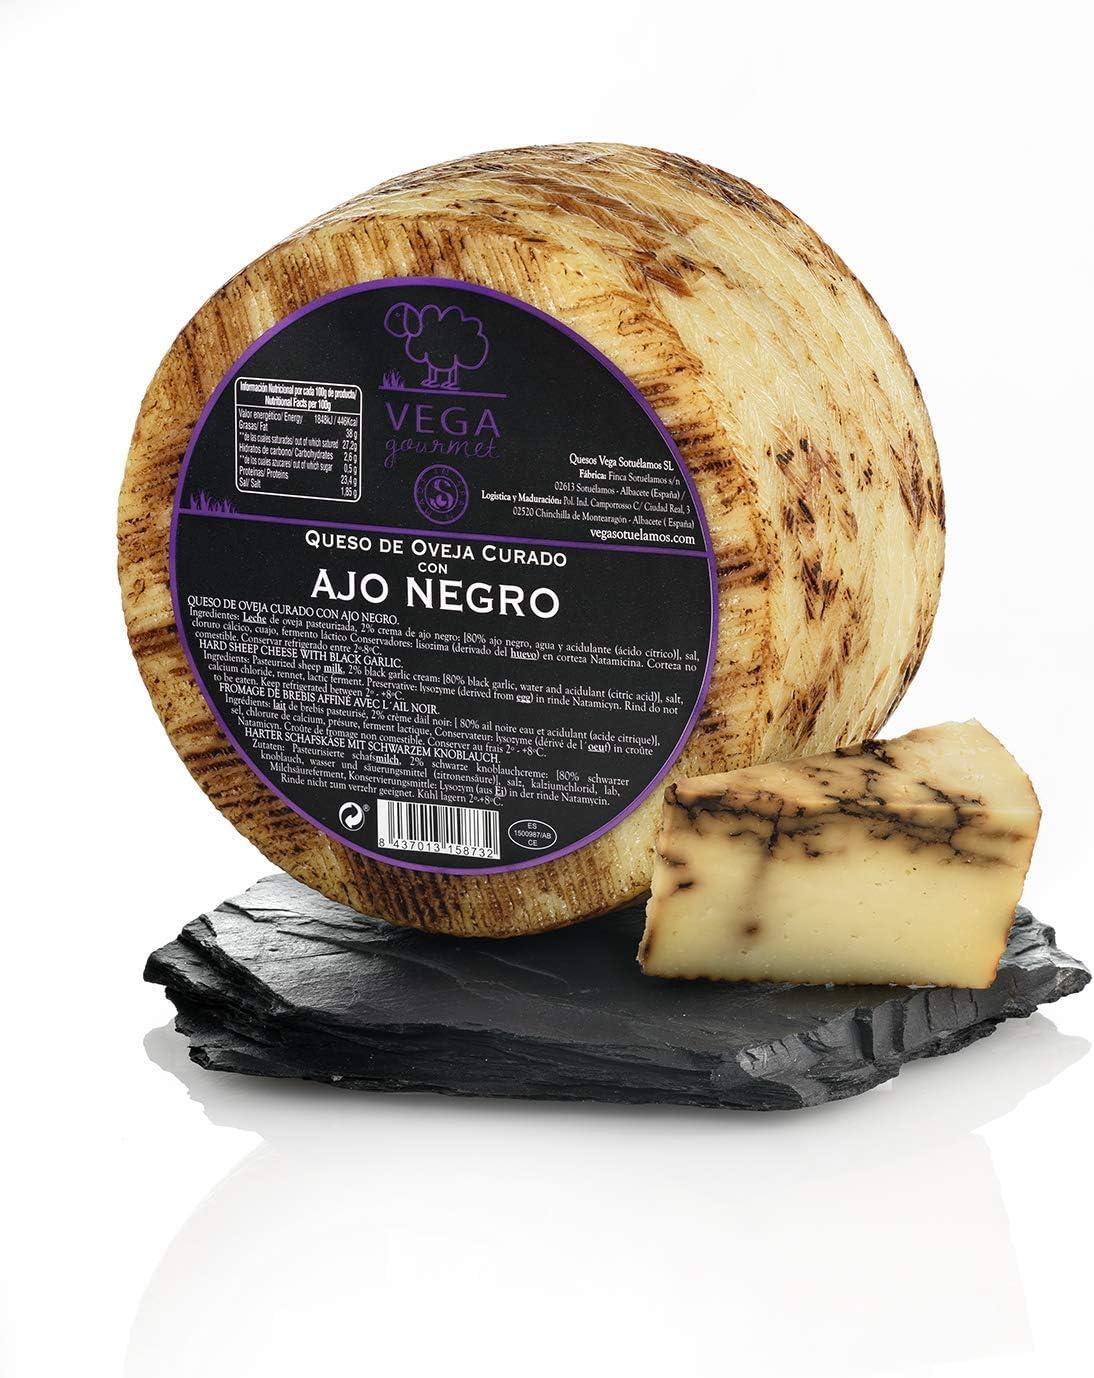 Queso de Oveja con Ajo Negro Vega Gourmet 3,4 Kg: Amazon.es: Alimentación y bebidas